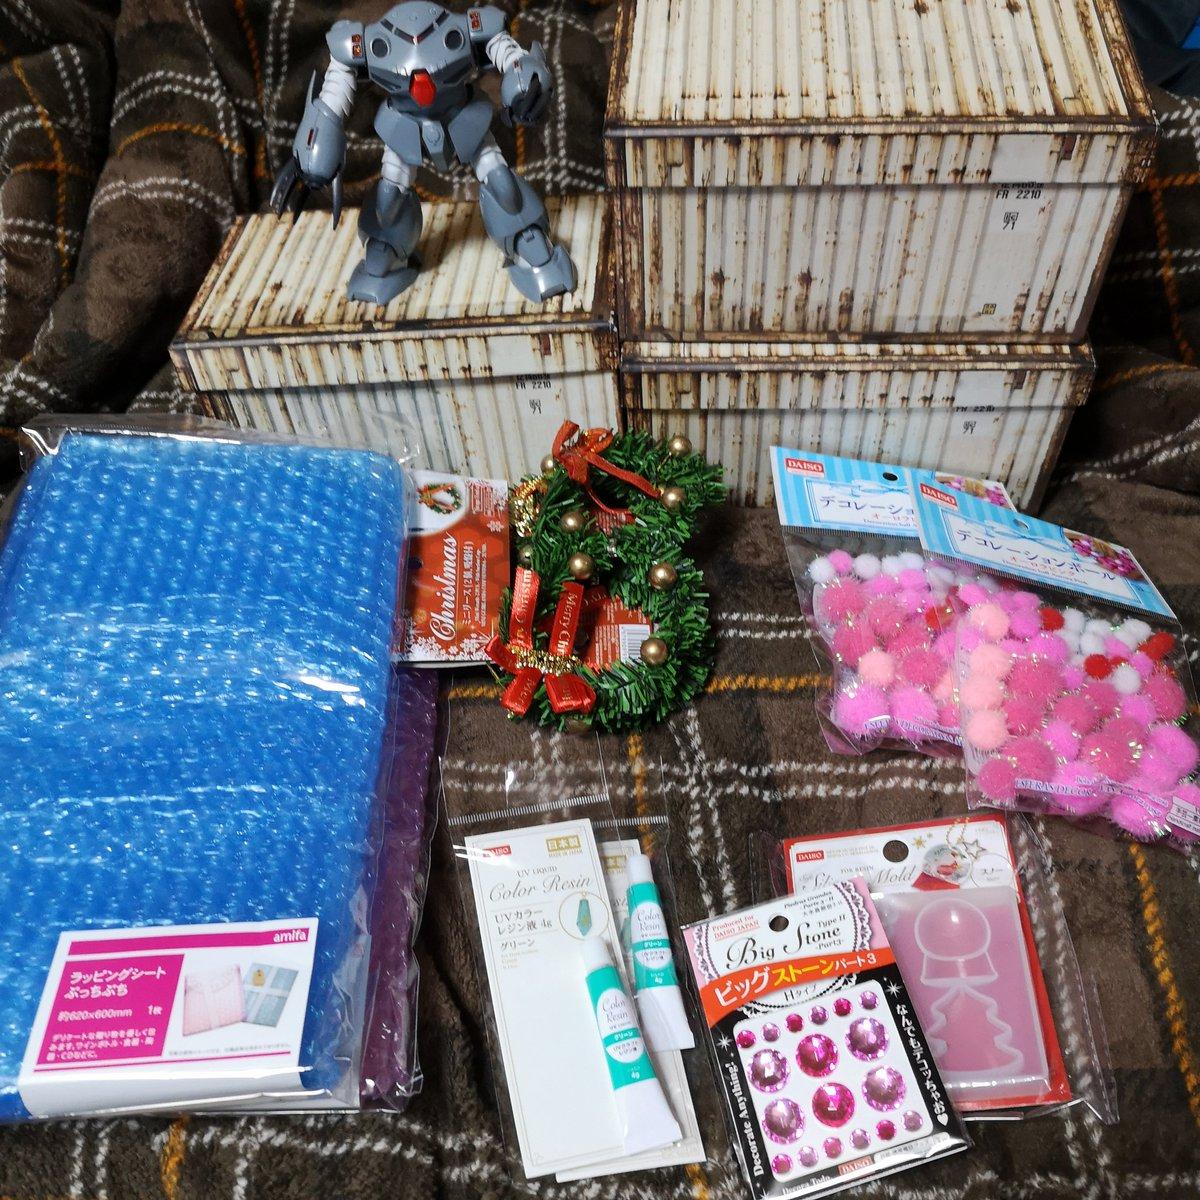 test ツイッターメディア - 昨日、 #船橋 の #ダイソー  でクリスマス関連と 以前、Twitterで見た箱(コンテナ)を購入(^o^)  紙コンテナはTwitterで見たのよりは大きめのを買ったけど、 1/144ガンプラ寝かせるか座らせて1体か2体くらいしか入らないが プチッガイだと立たせて8体入る!?Σ(・∀・;) https://t.co/IGGB9AYEHb